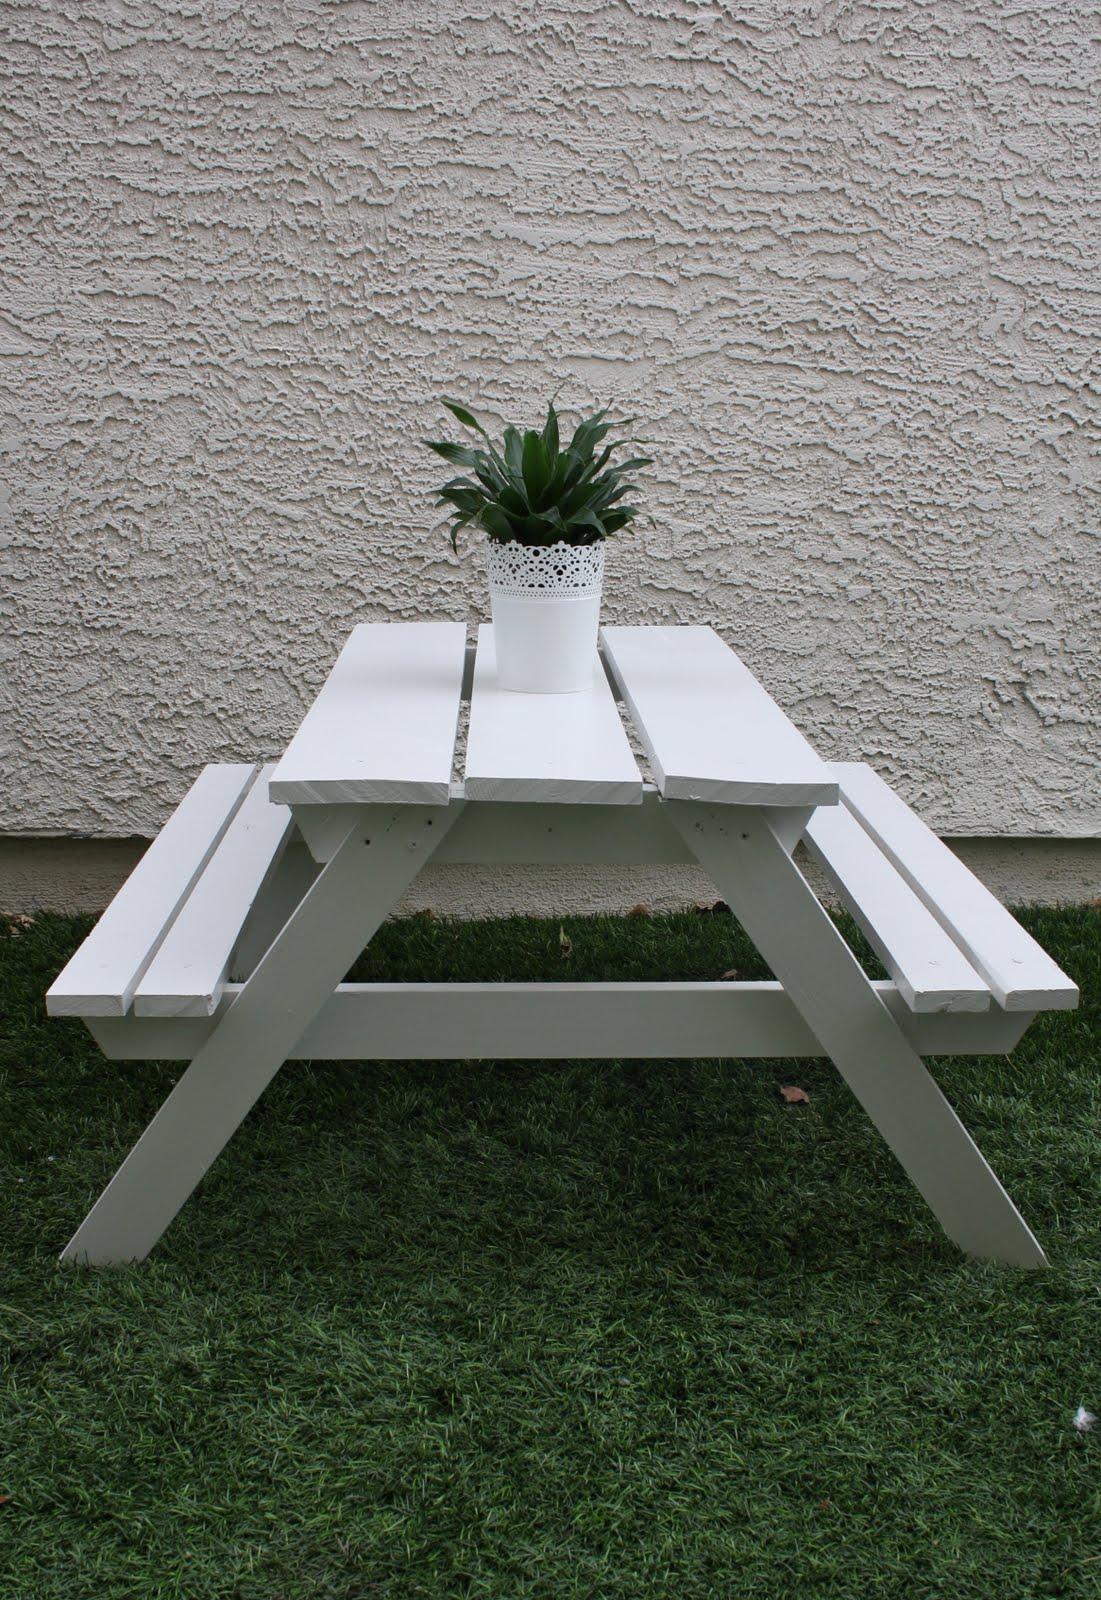 Kiddie Picnic Table